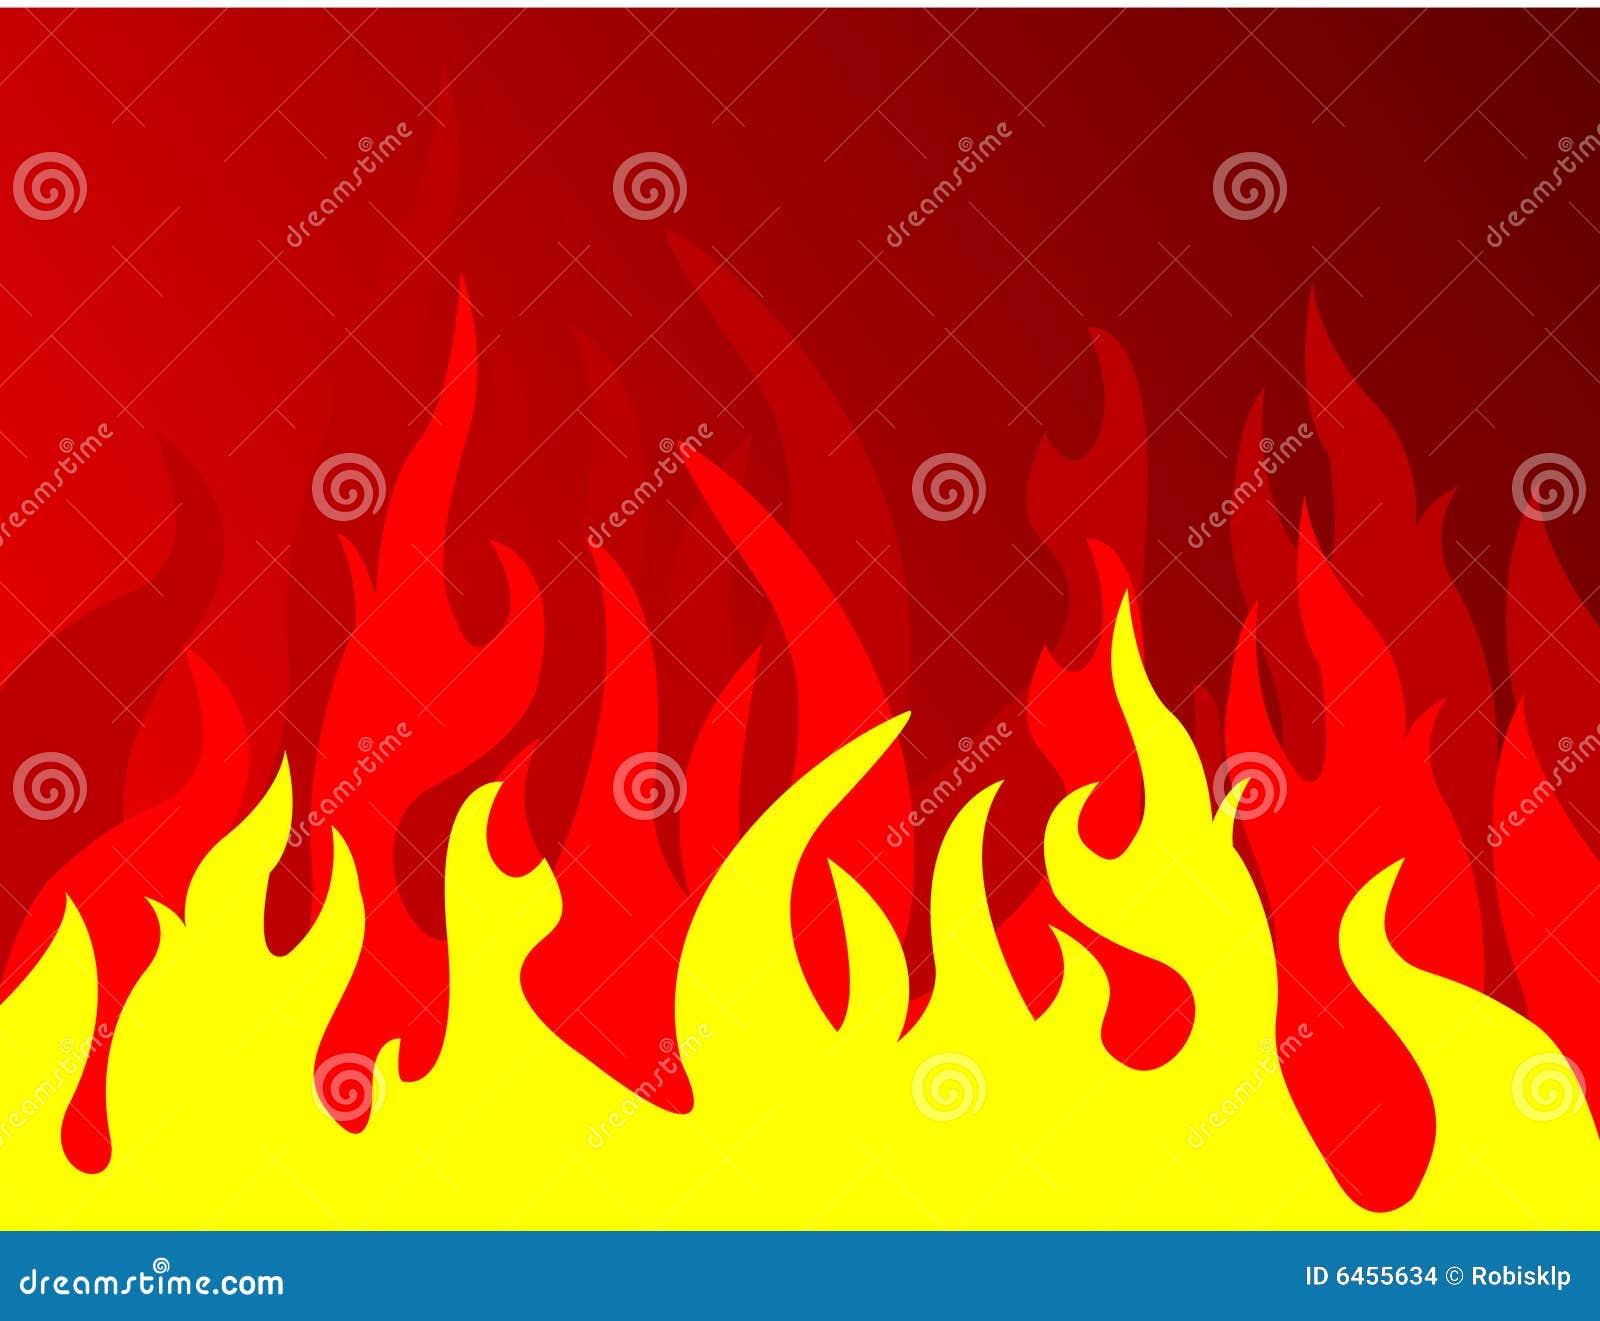 Czerwone tło przeciwpożarowe